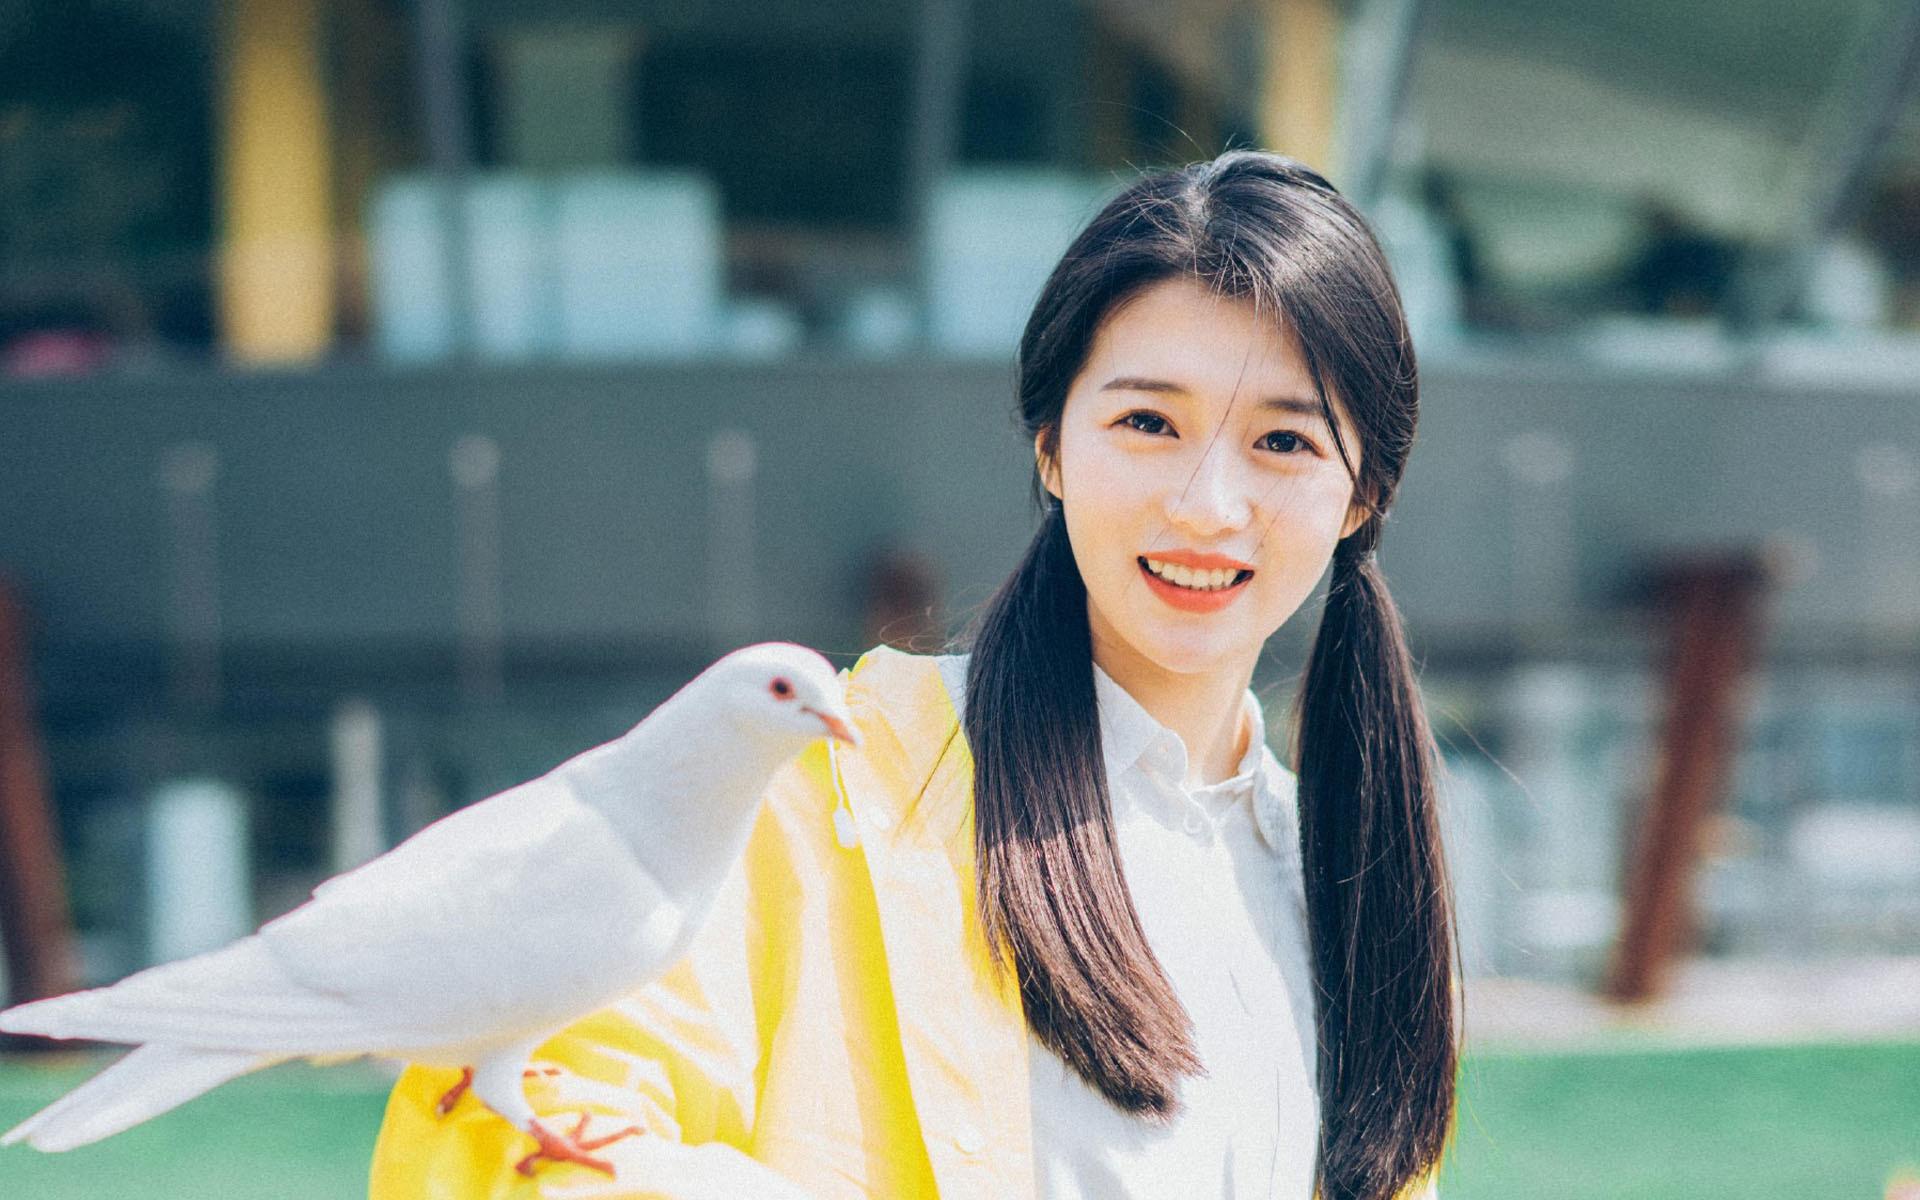 美女总裁的混世神医-都市情感小说-主角: 林枫, 苏梦柔